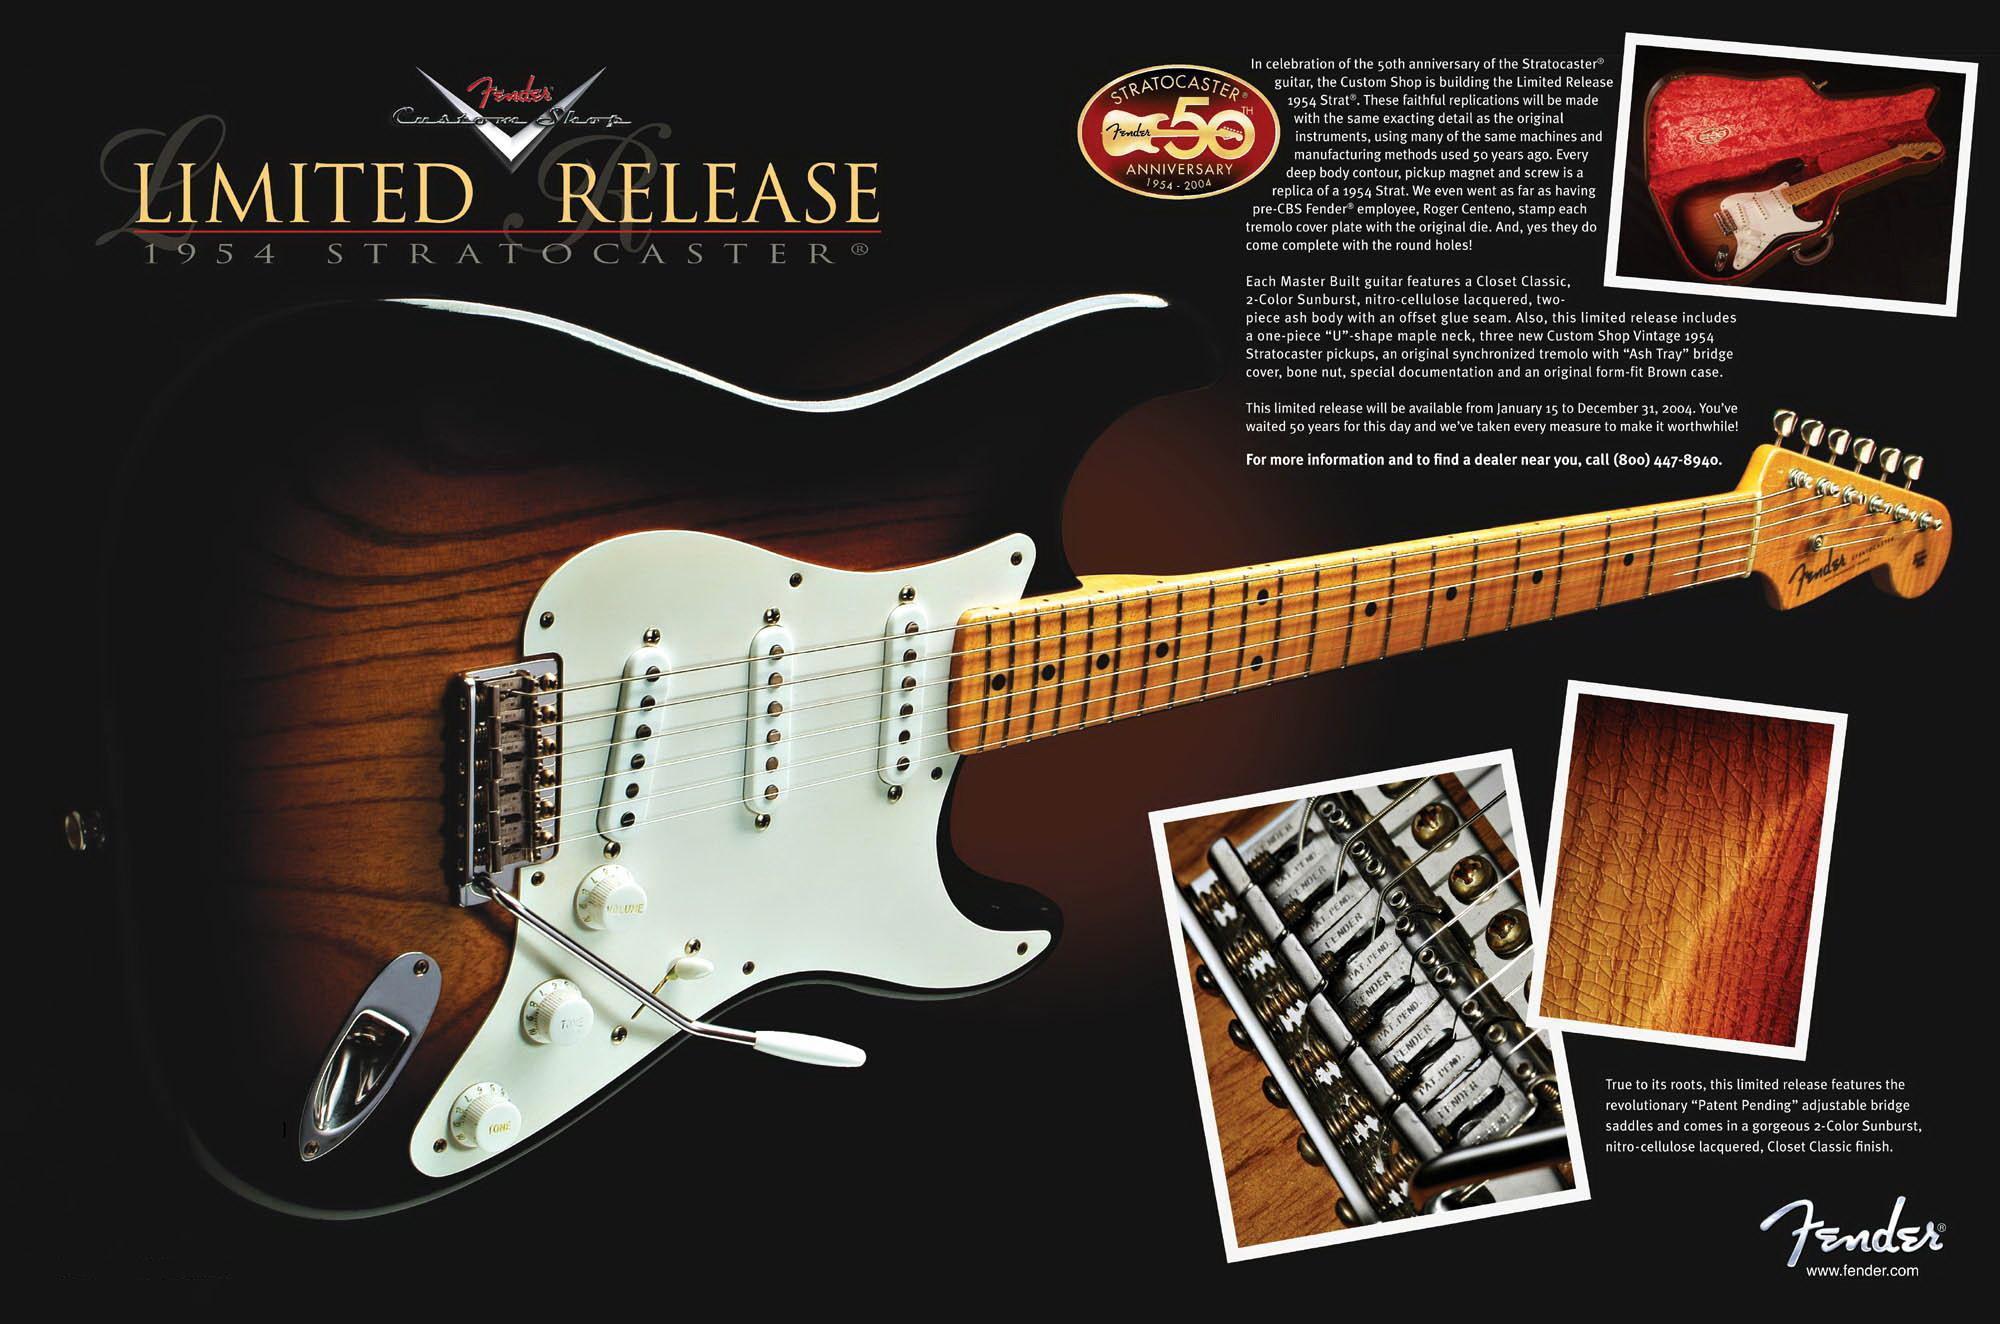 Fender Guitar Wallpaper for Computer – WallpaperSafari